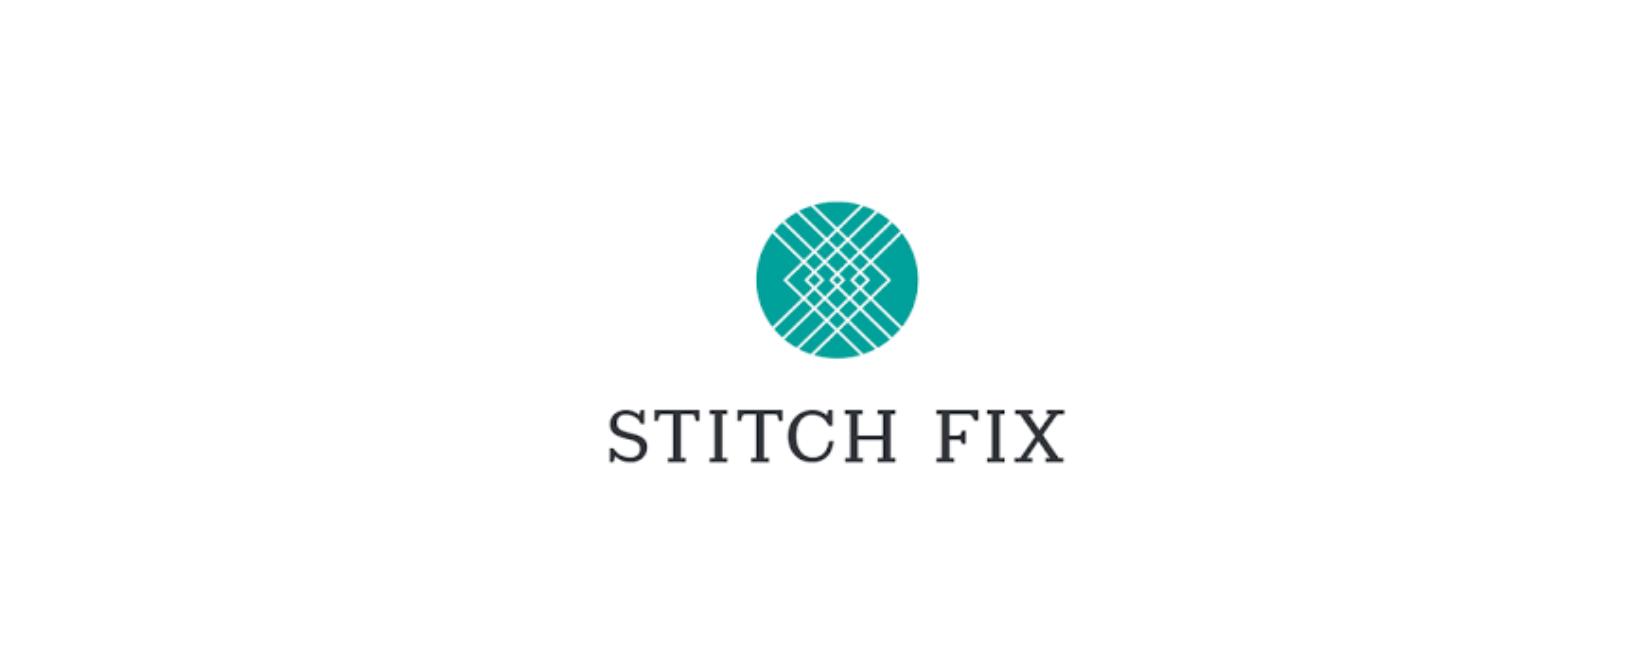 Stitch Fix Discount Code 2021